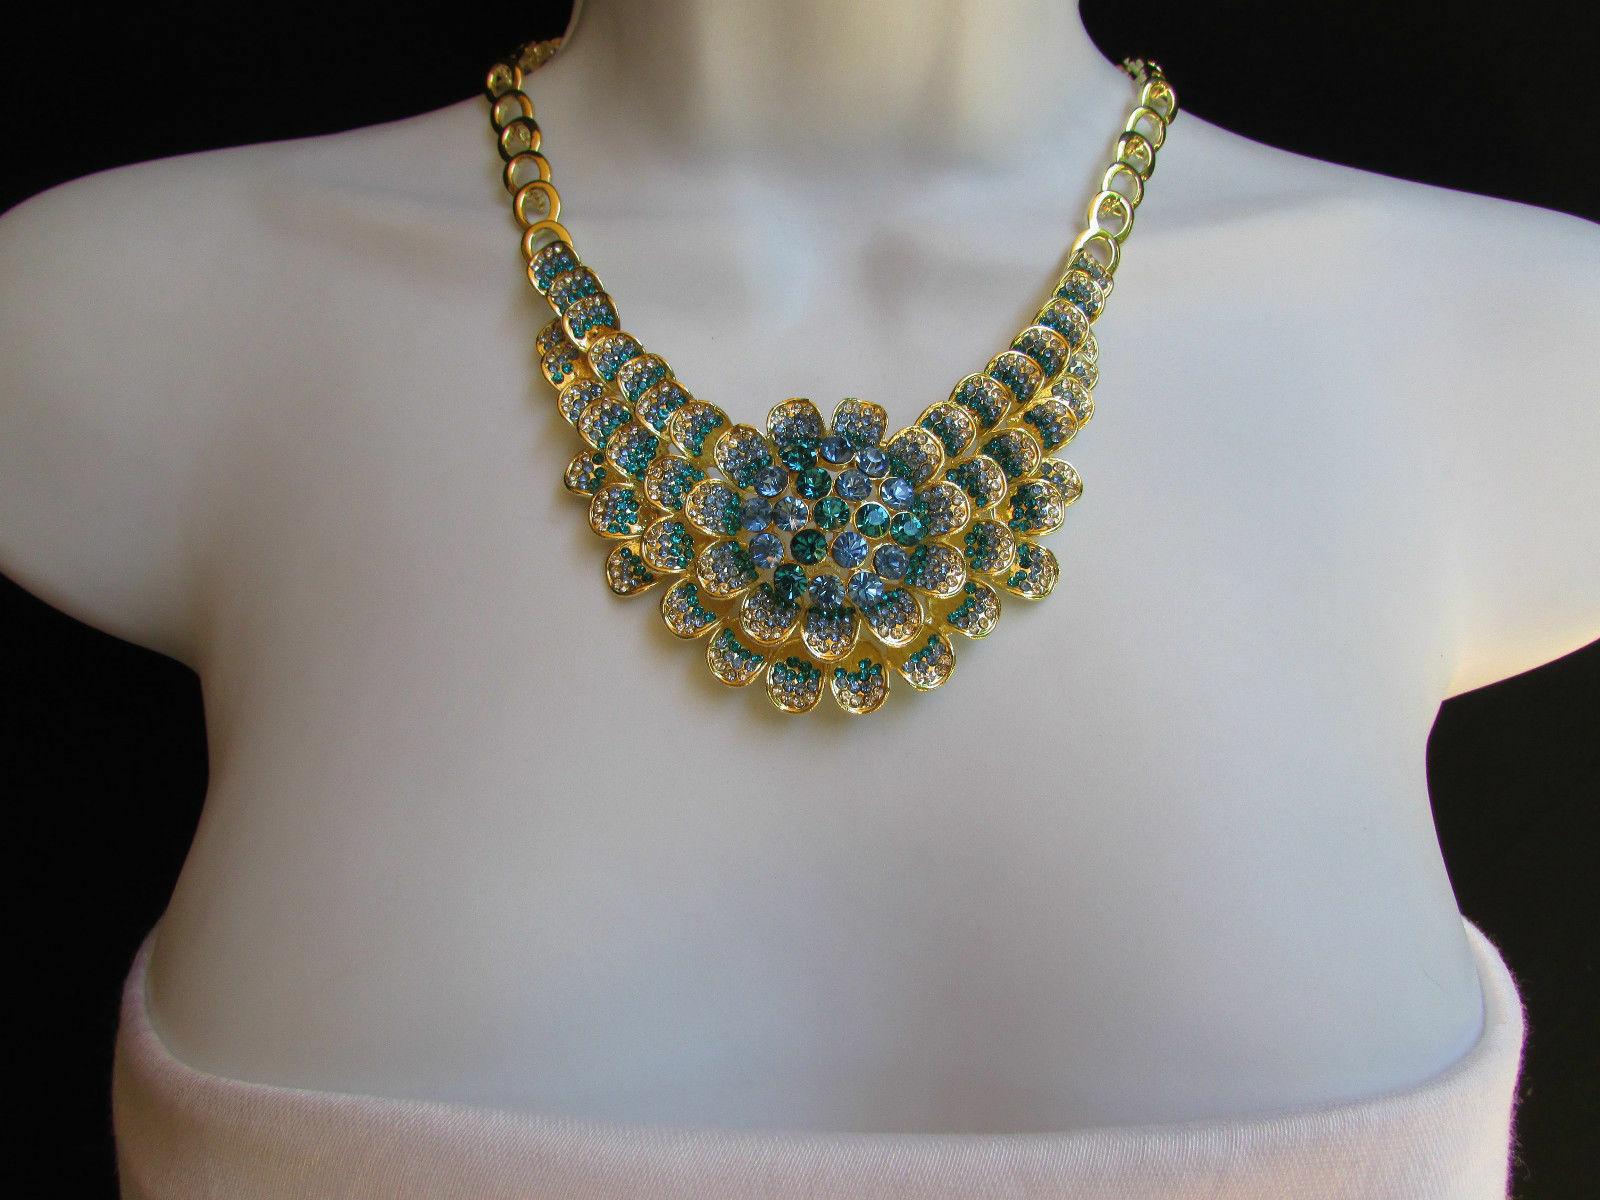 Nuevo Mujer Grande Dorado Flor Tendencia Jewelry Azul Diamantes Collar image 3